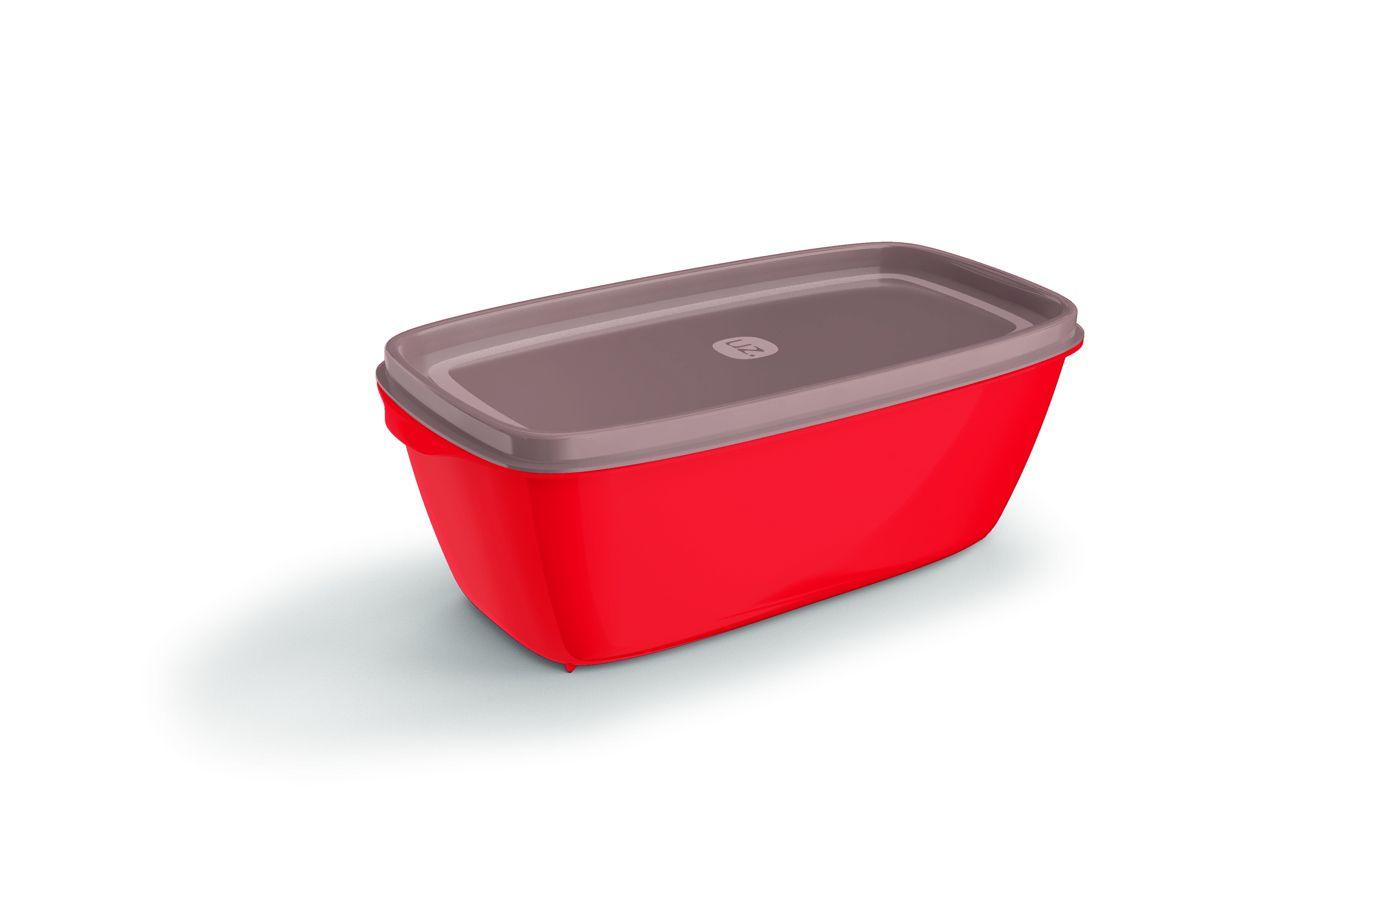 Pote Plástico Retangular 1,5 L Premium Vermelho